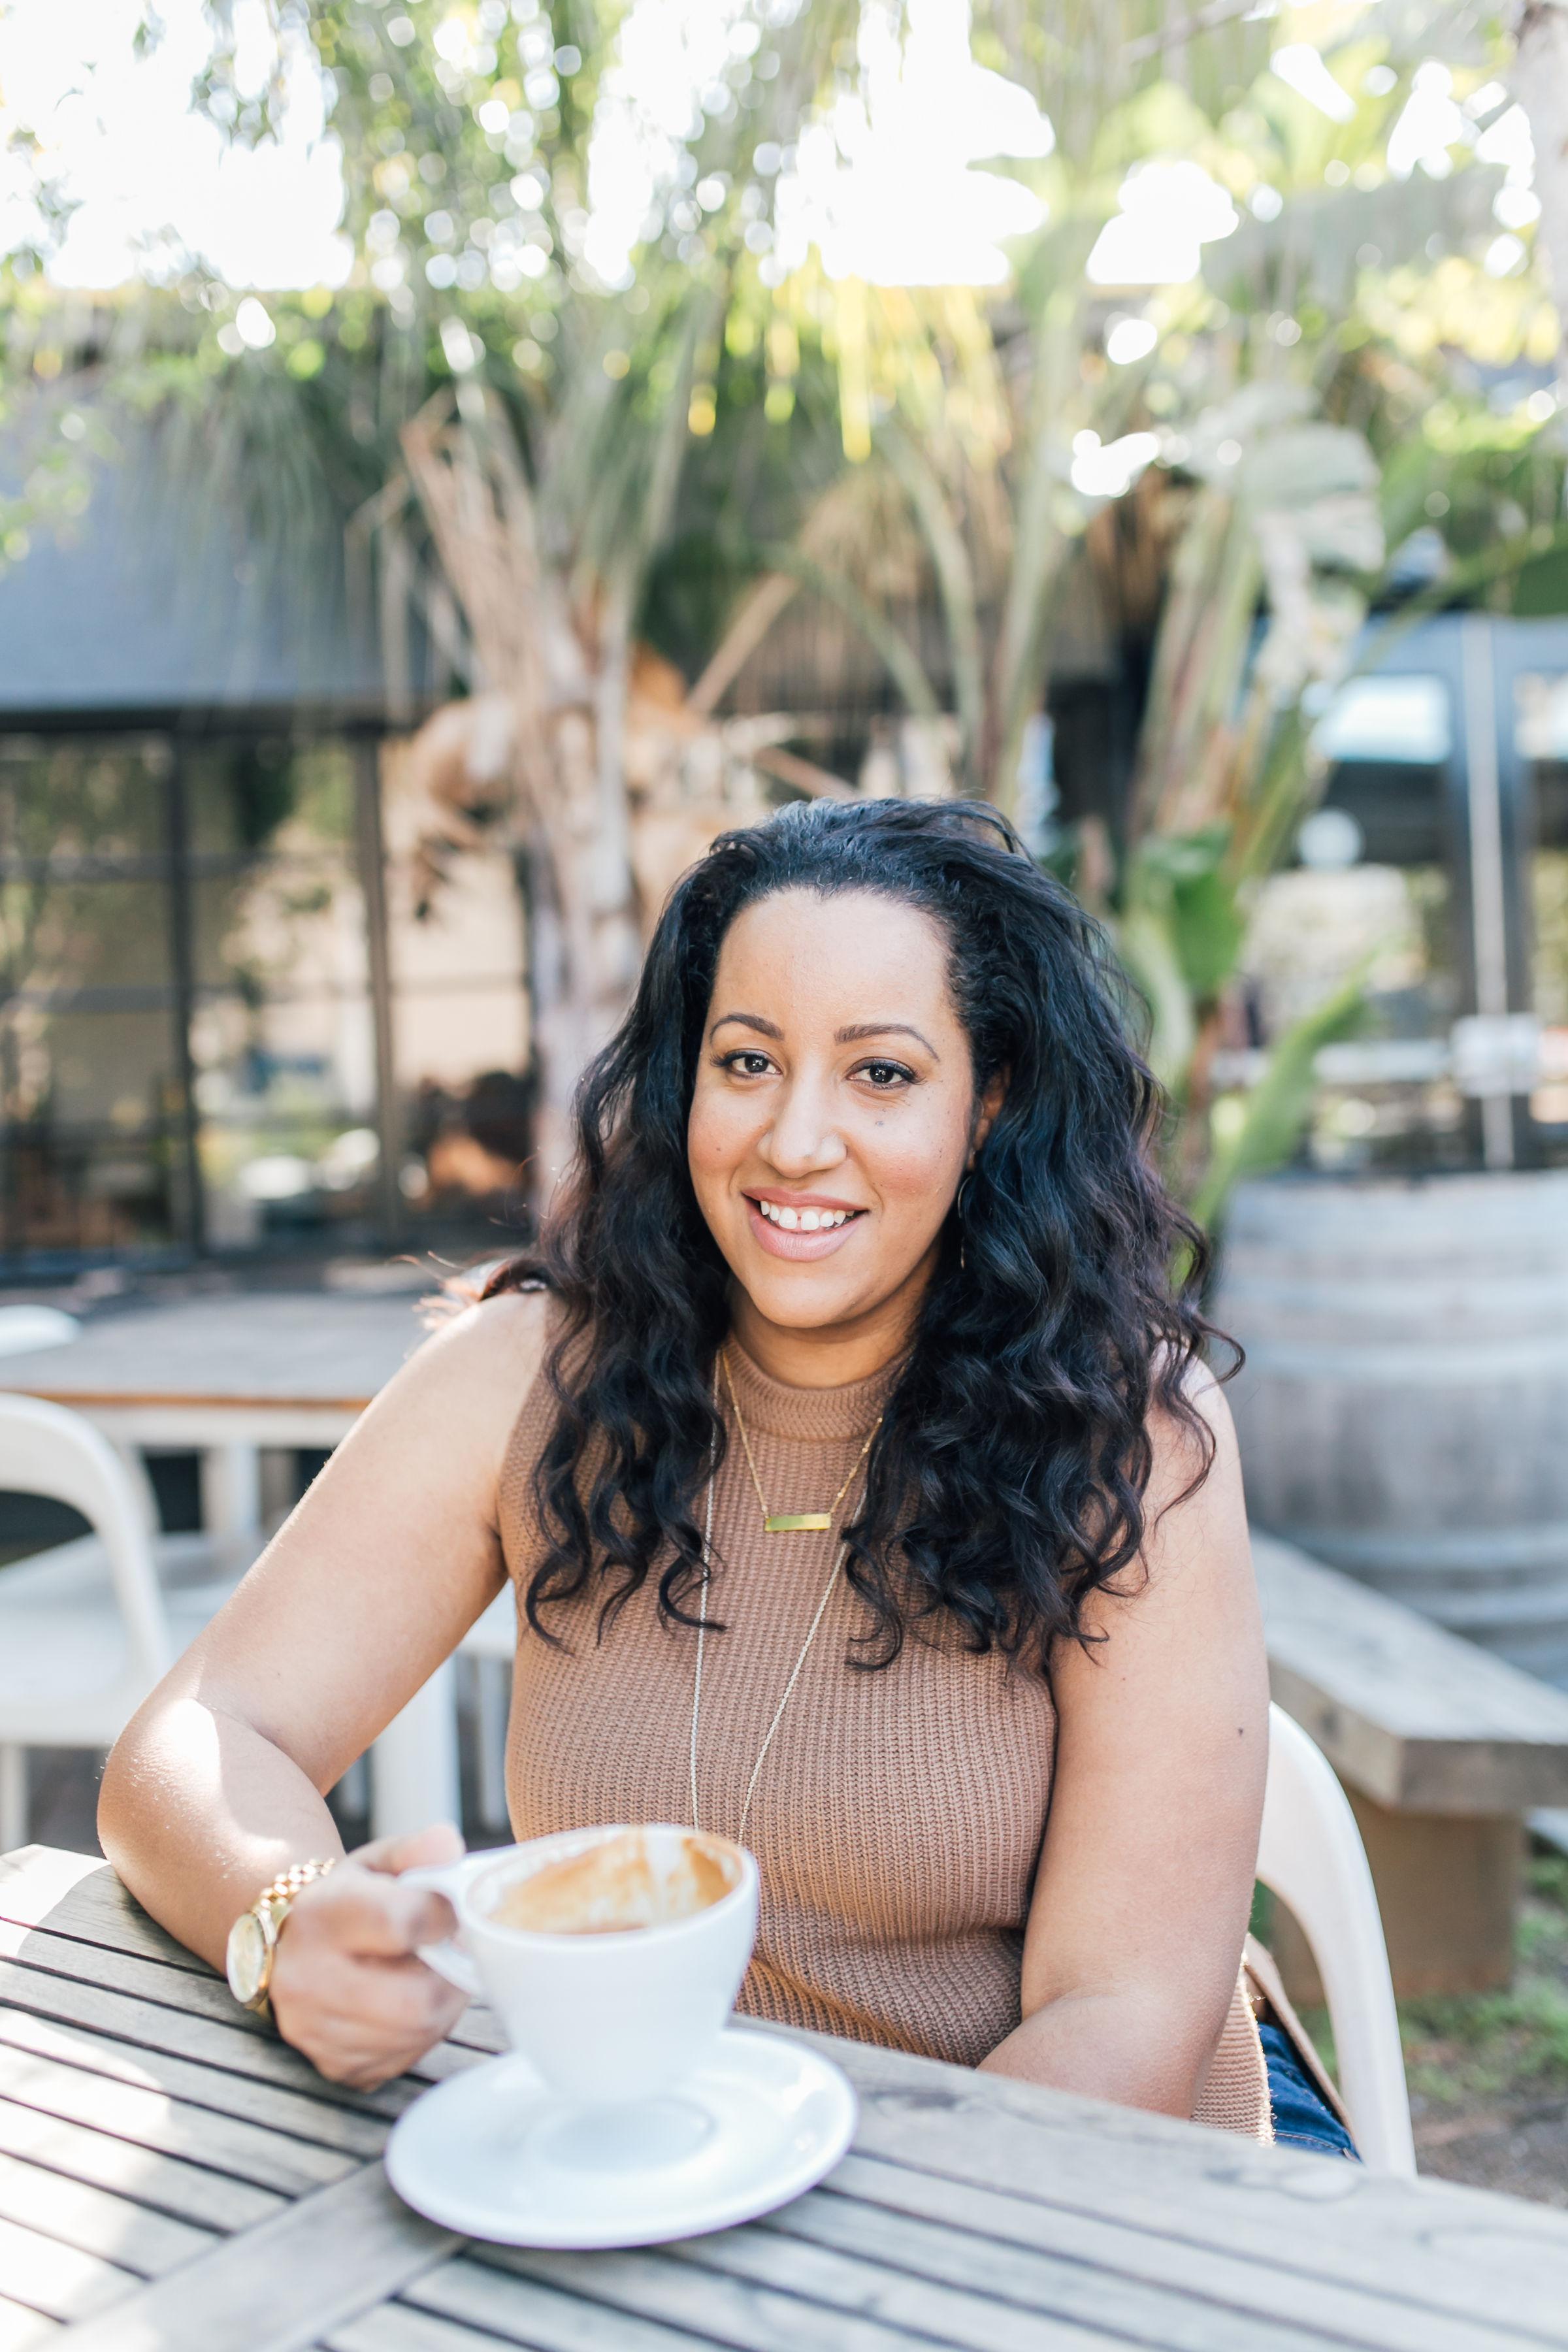 ChristinaBestPhotography_Katrina-4.jpg